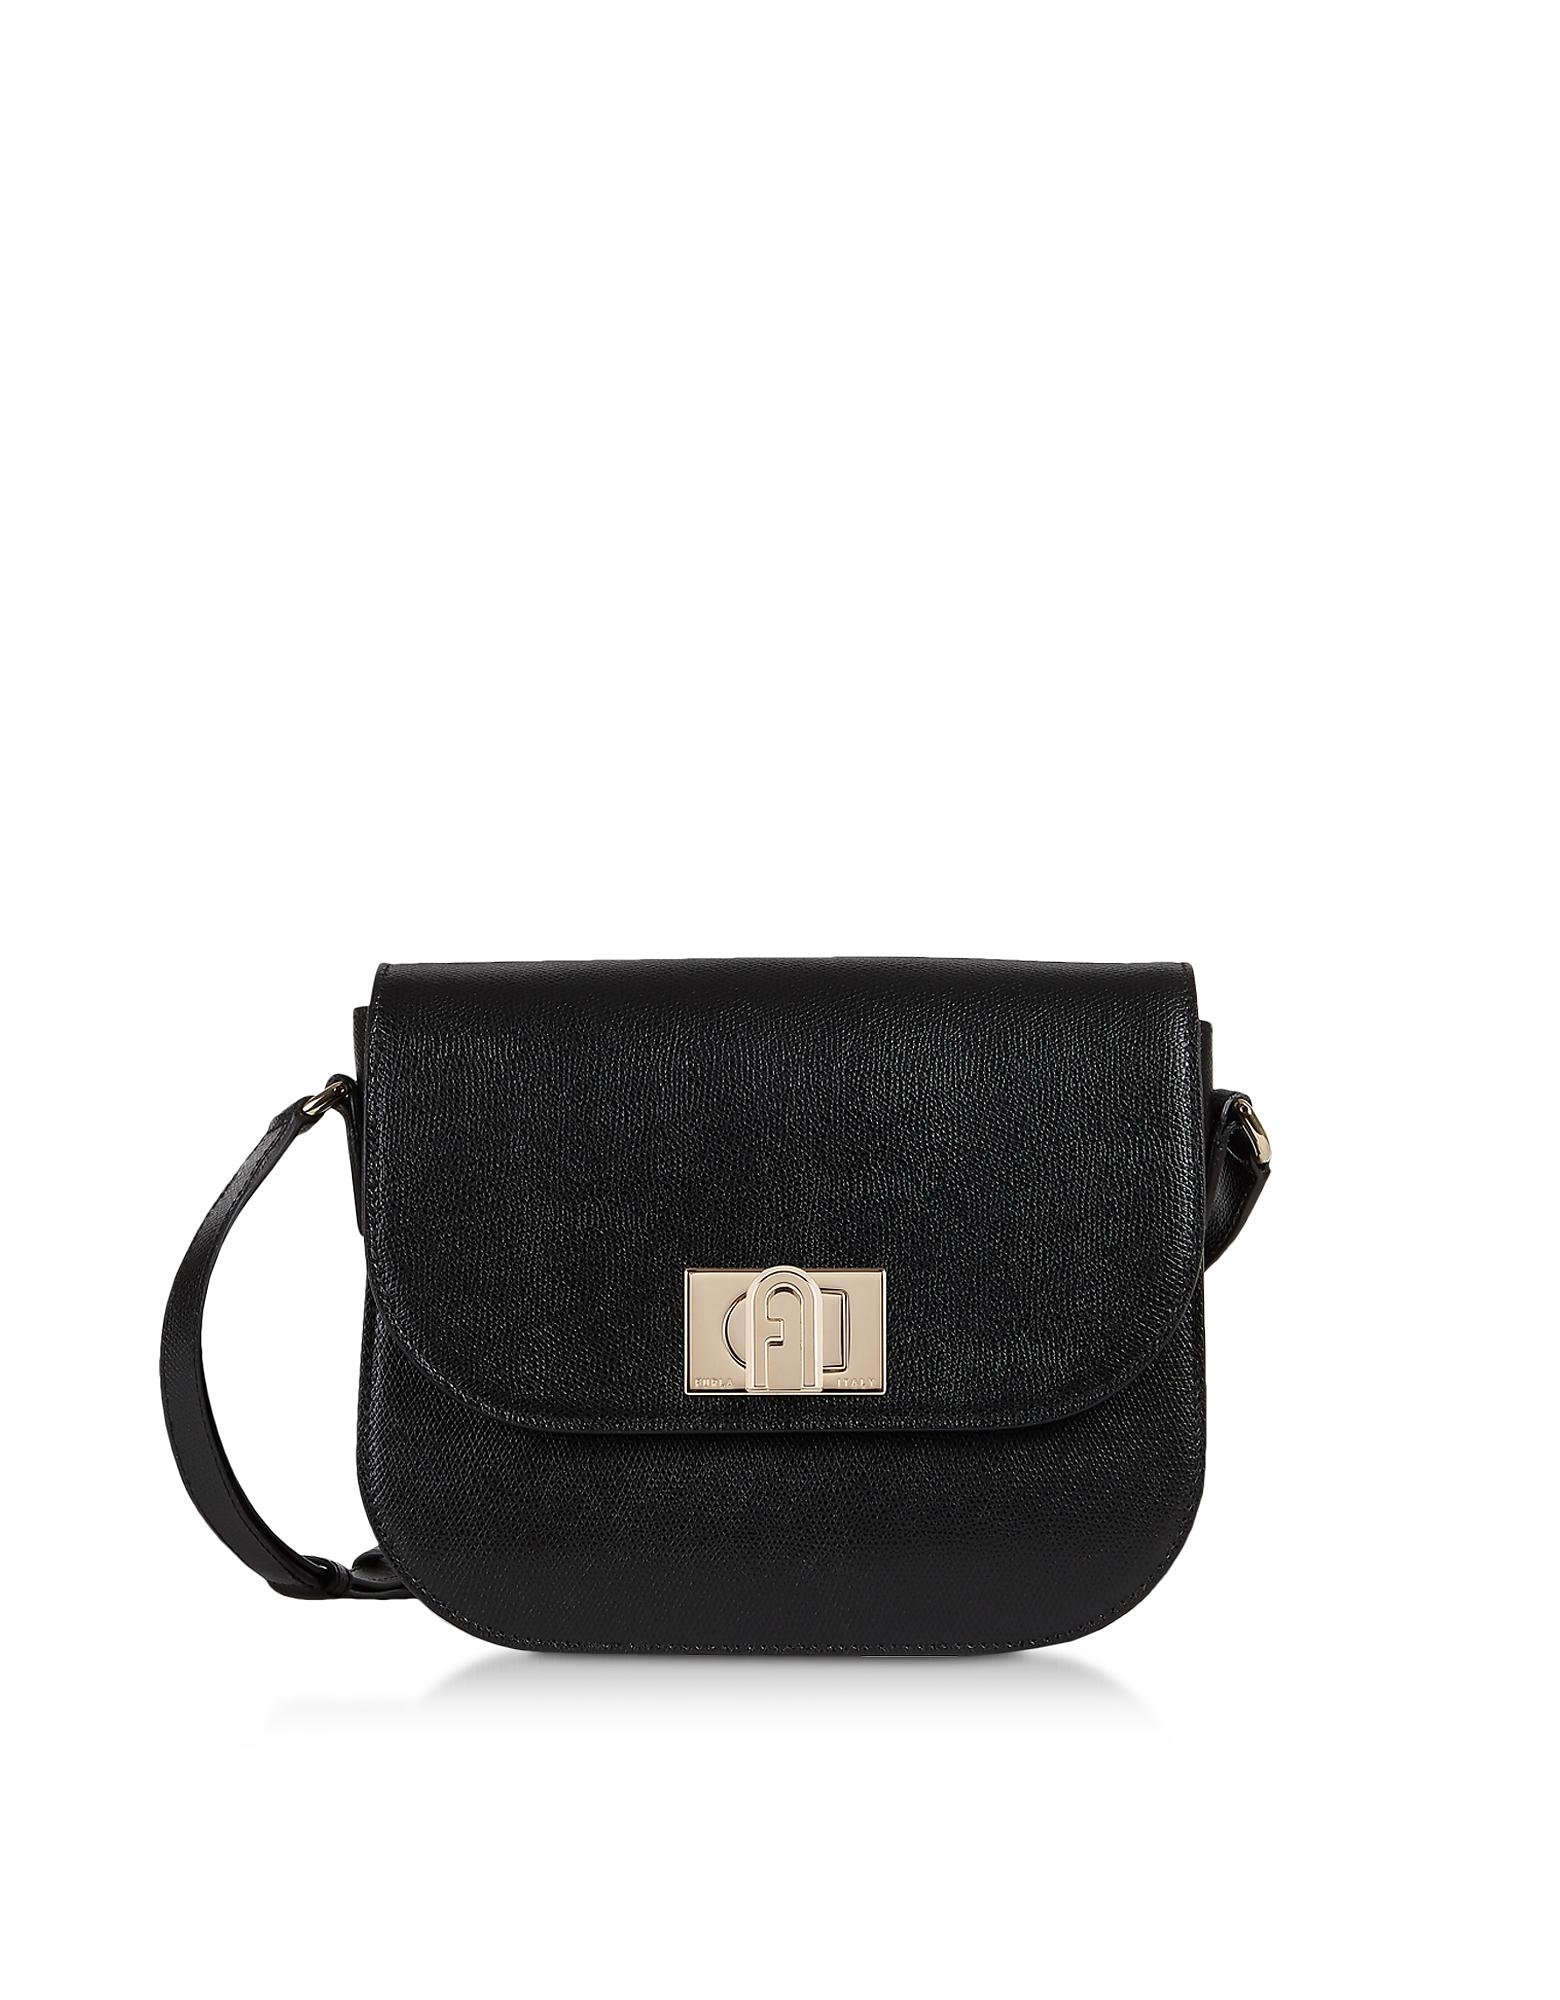 Furla Designer Handbags, Genuine Leather 1927 S Shoulder Bag 23